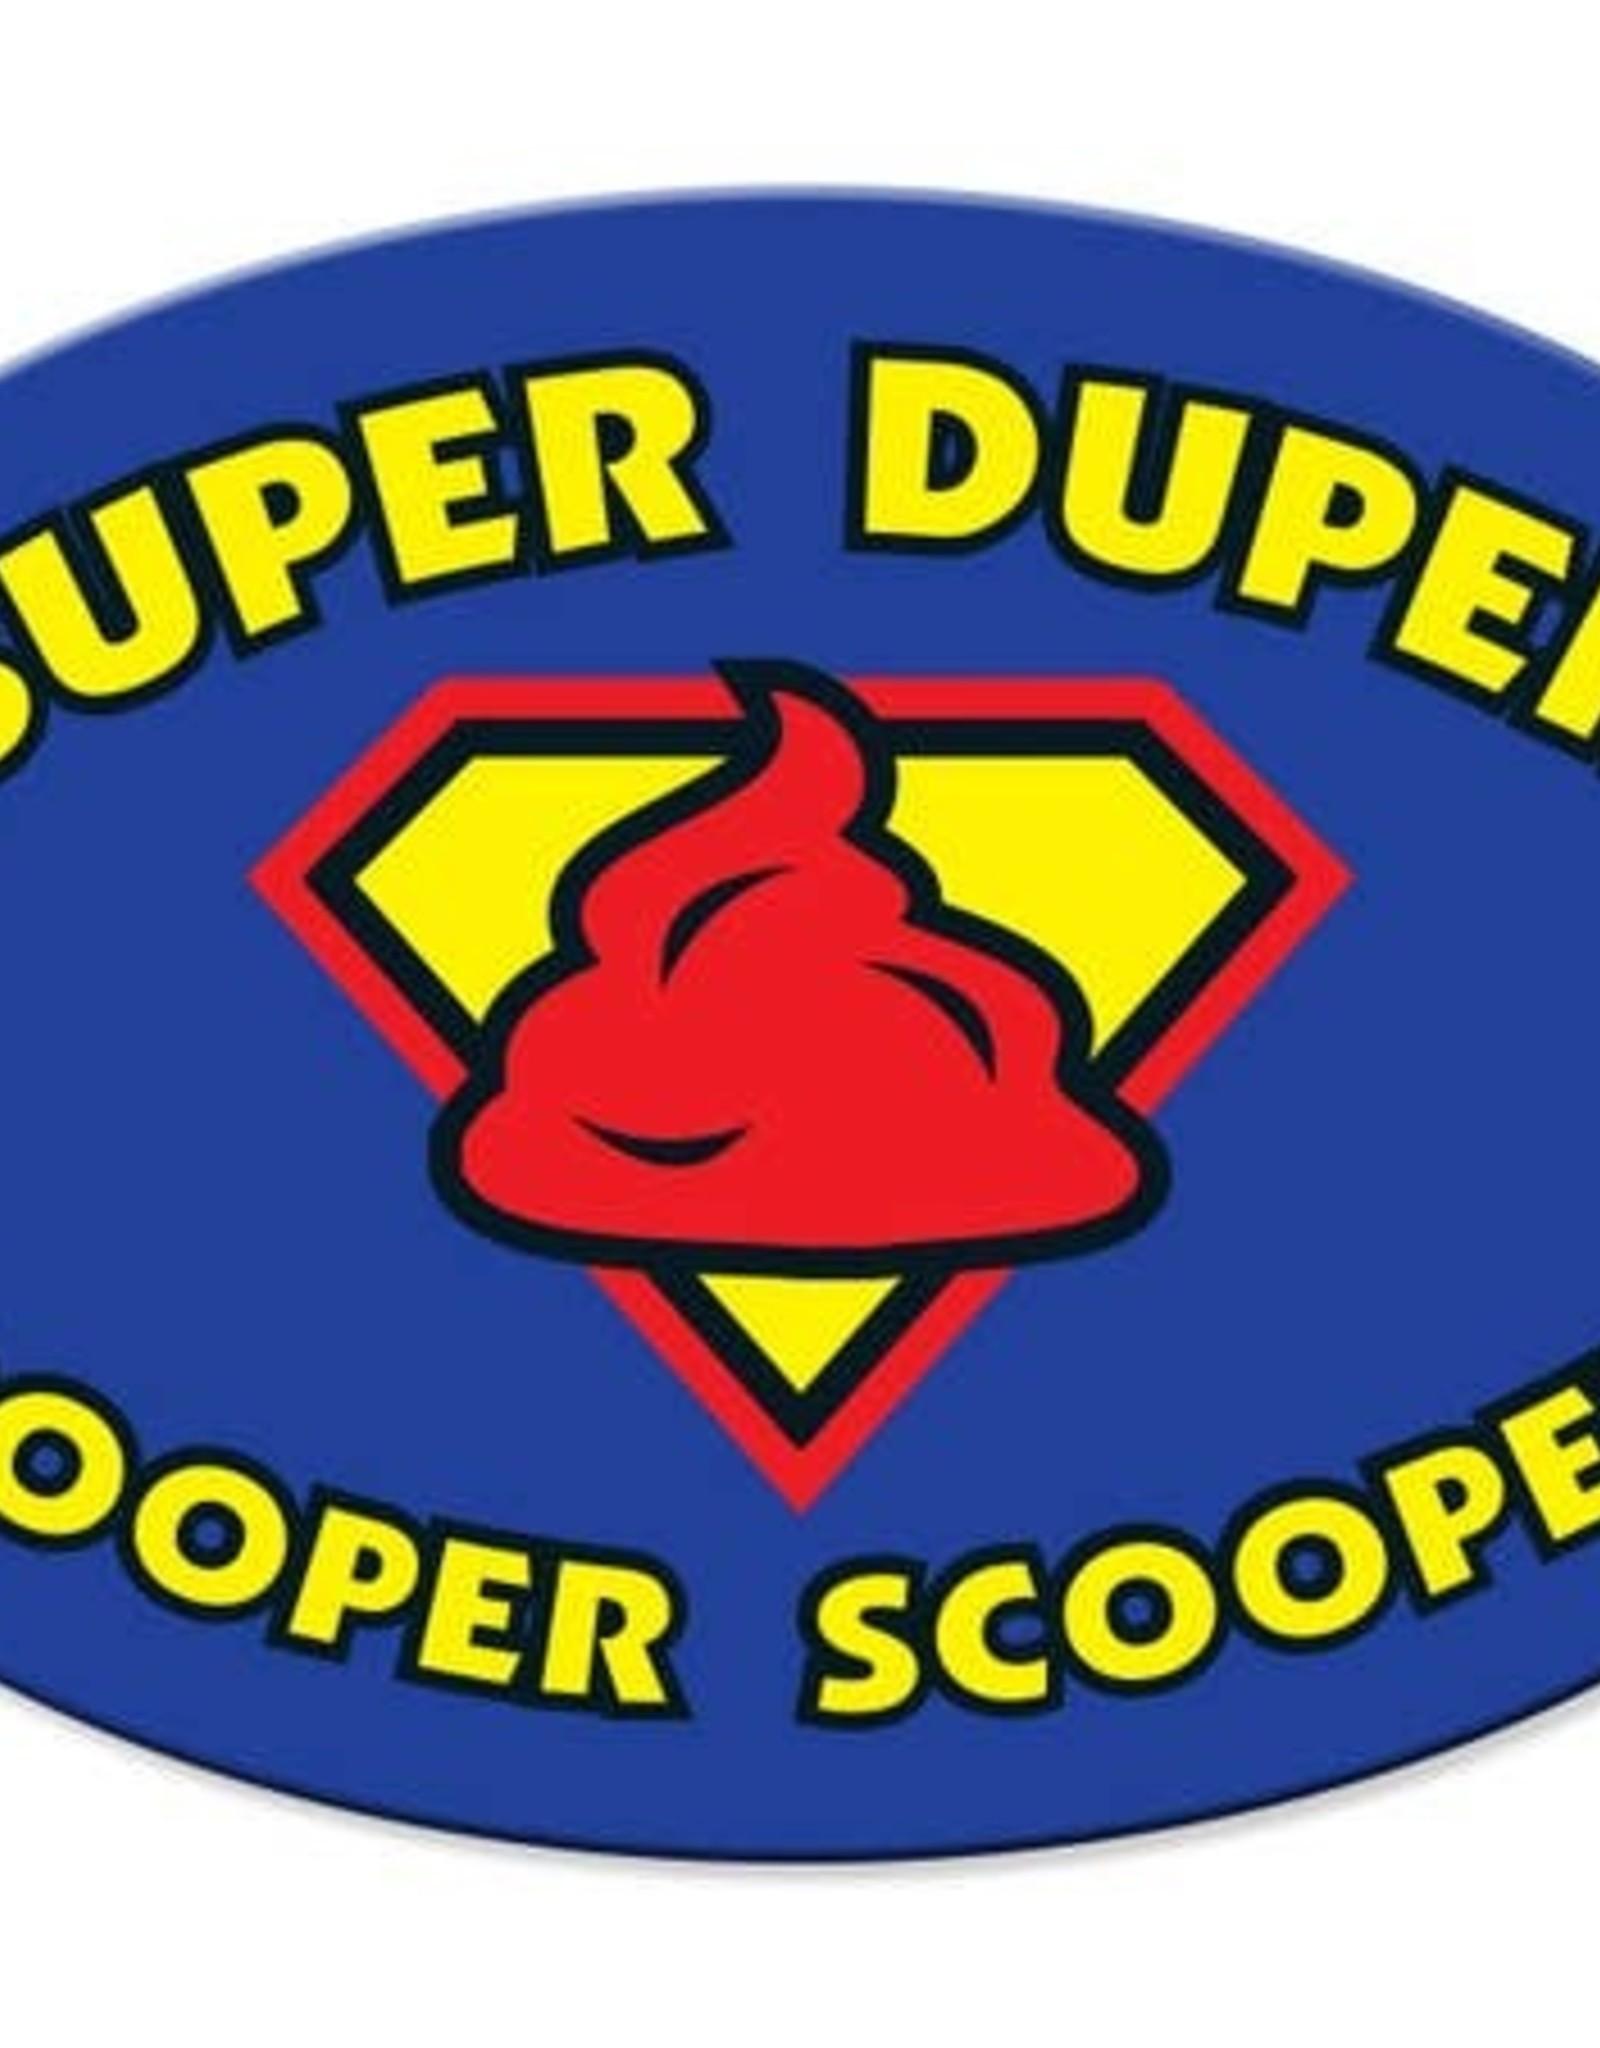 Dog Speak Car Magnet: Super Duper Pooper Scooper